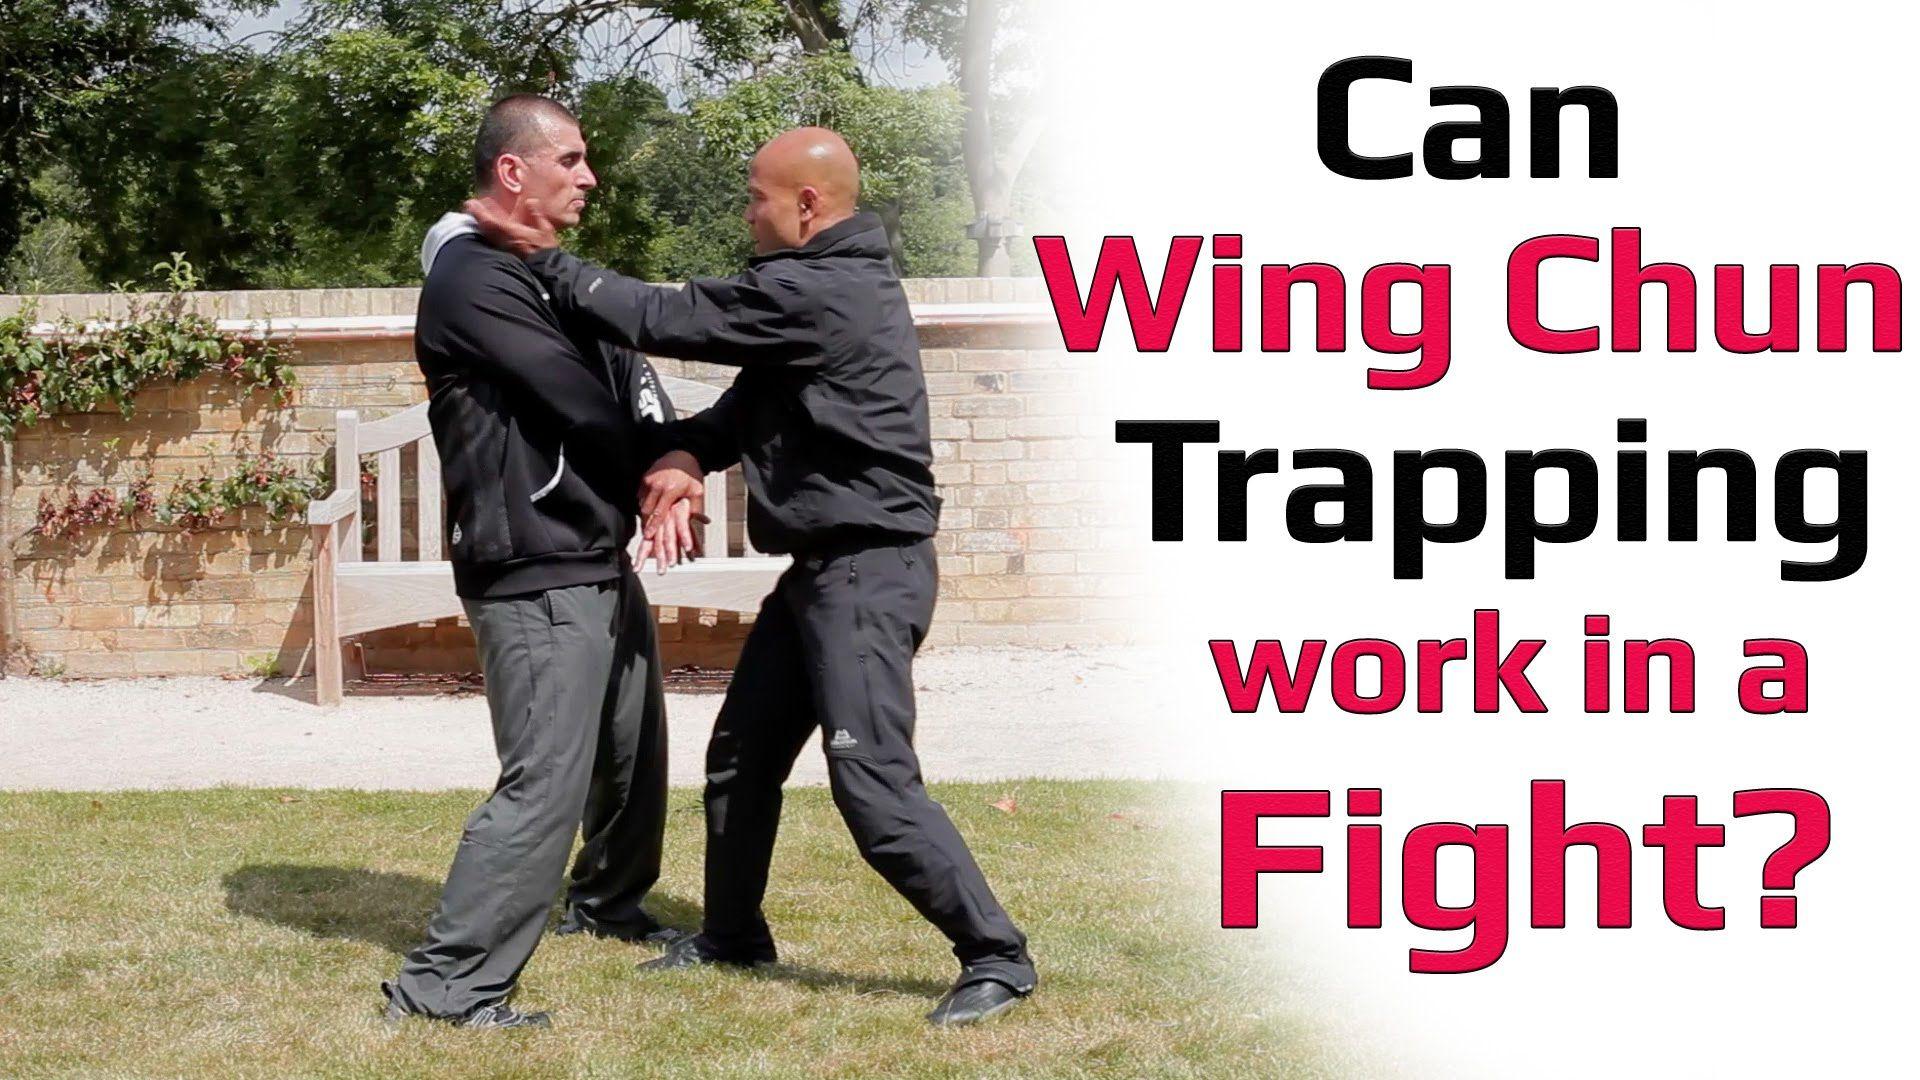 Can wing chun trapping work in a fight wing chun self